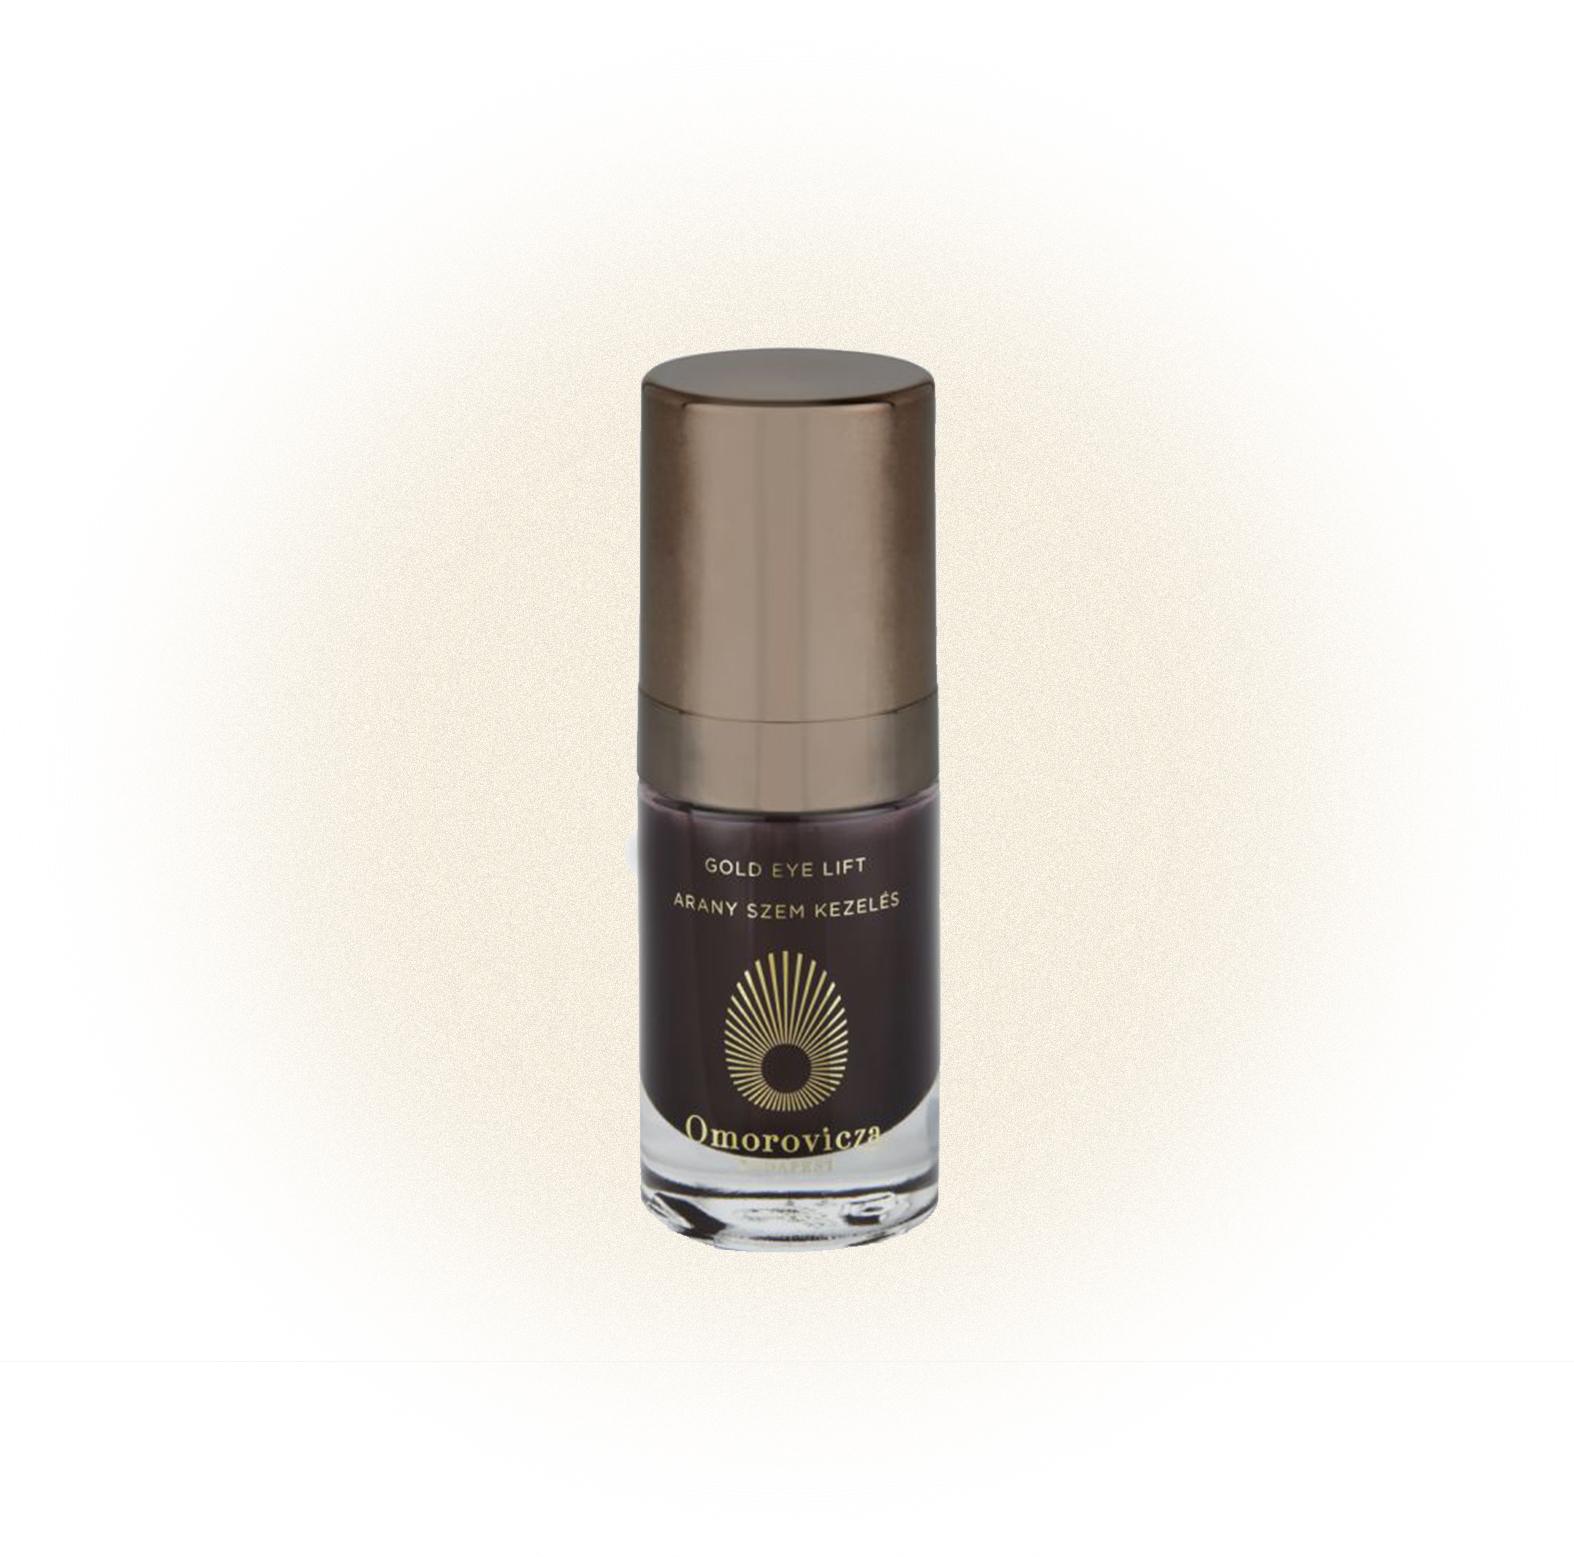 Крем для кожи вокруг глаз с подтягивающим эффектом Gold Eye Lift